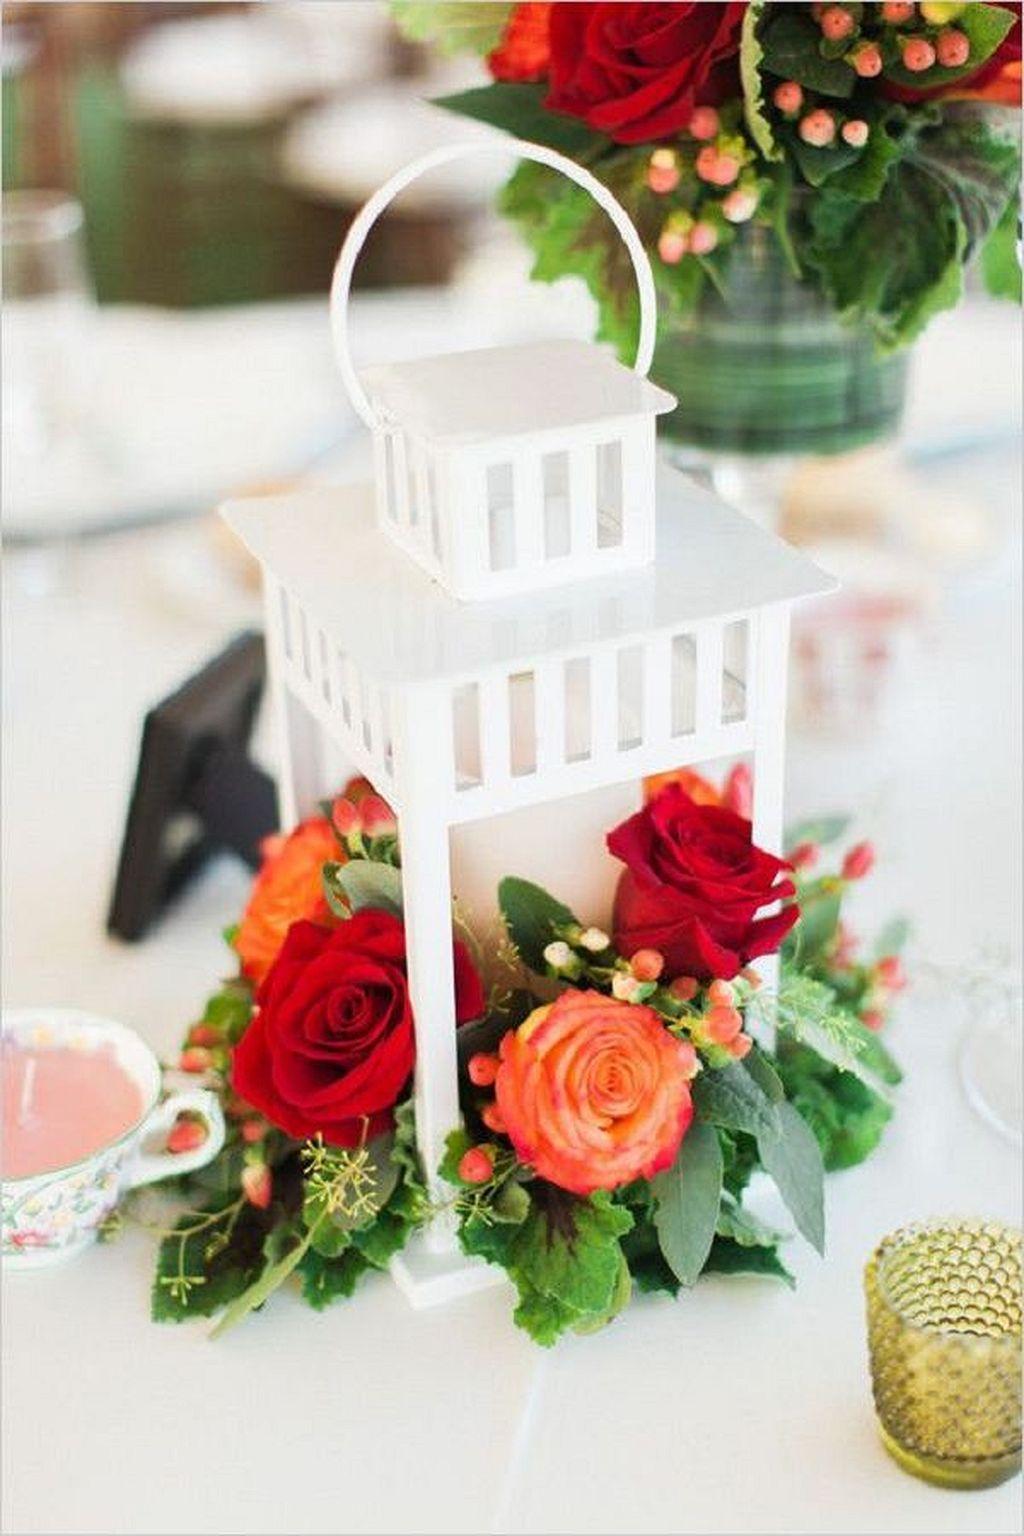 50 amazing lantern and flower in wedding centerpiece ideas 20 ...